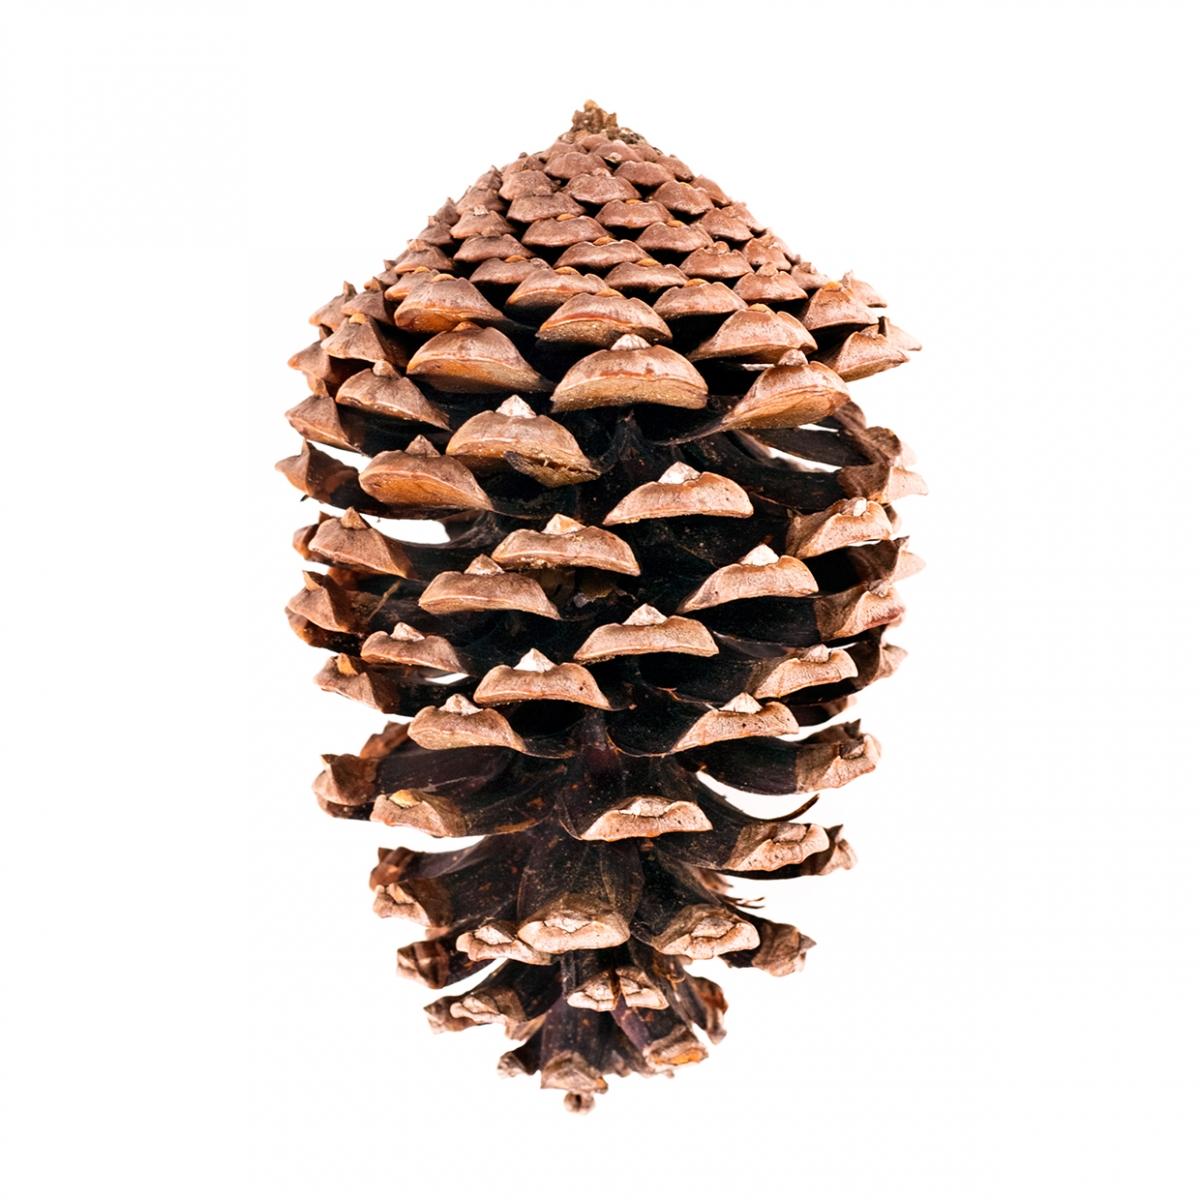 Imagen en la que se ve una piña de pino